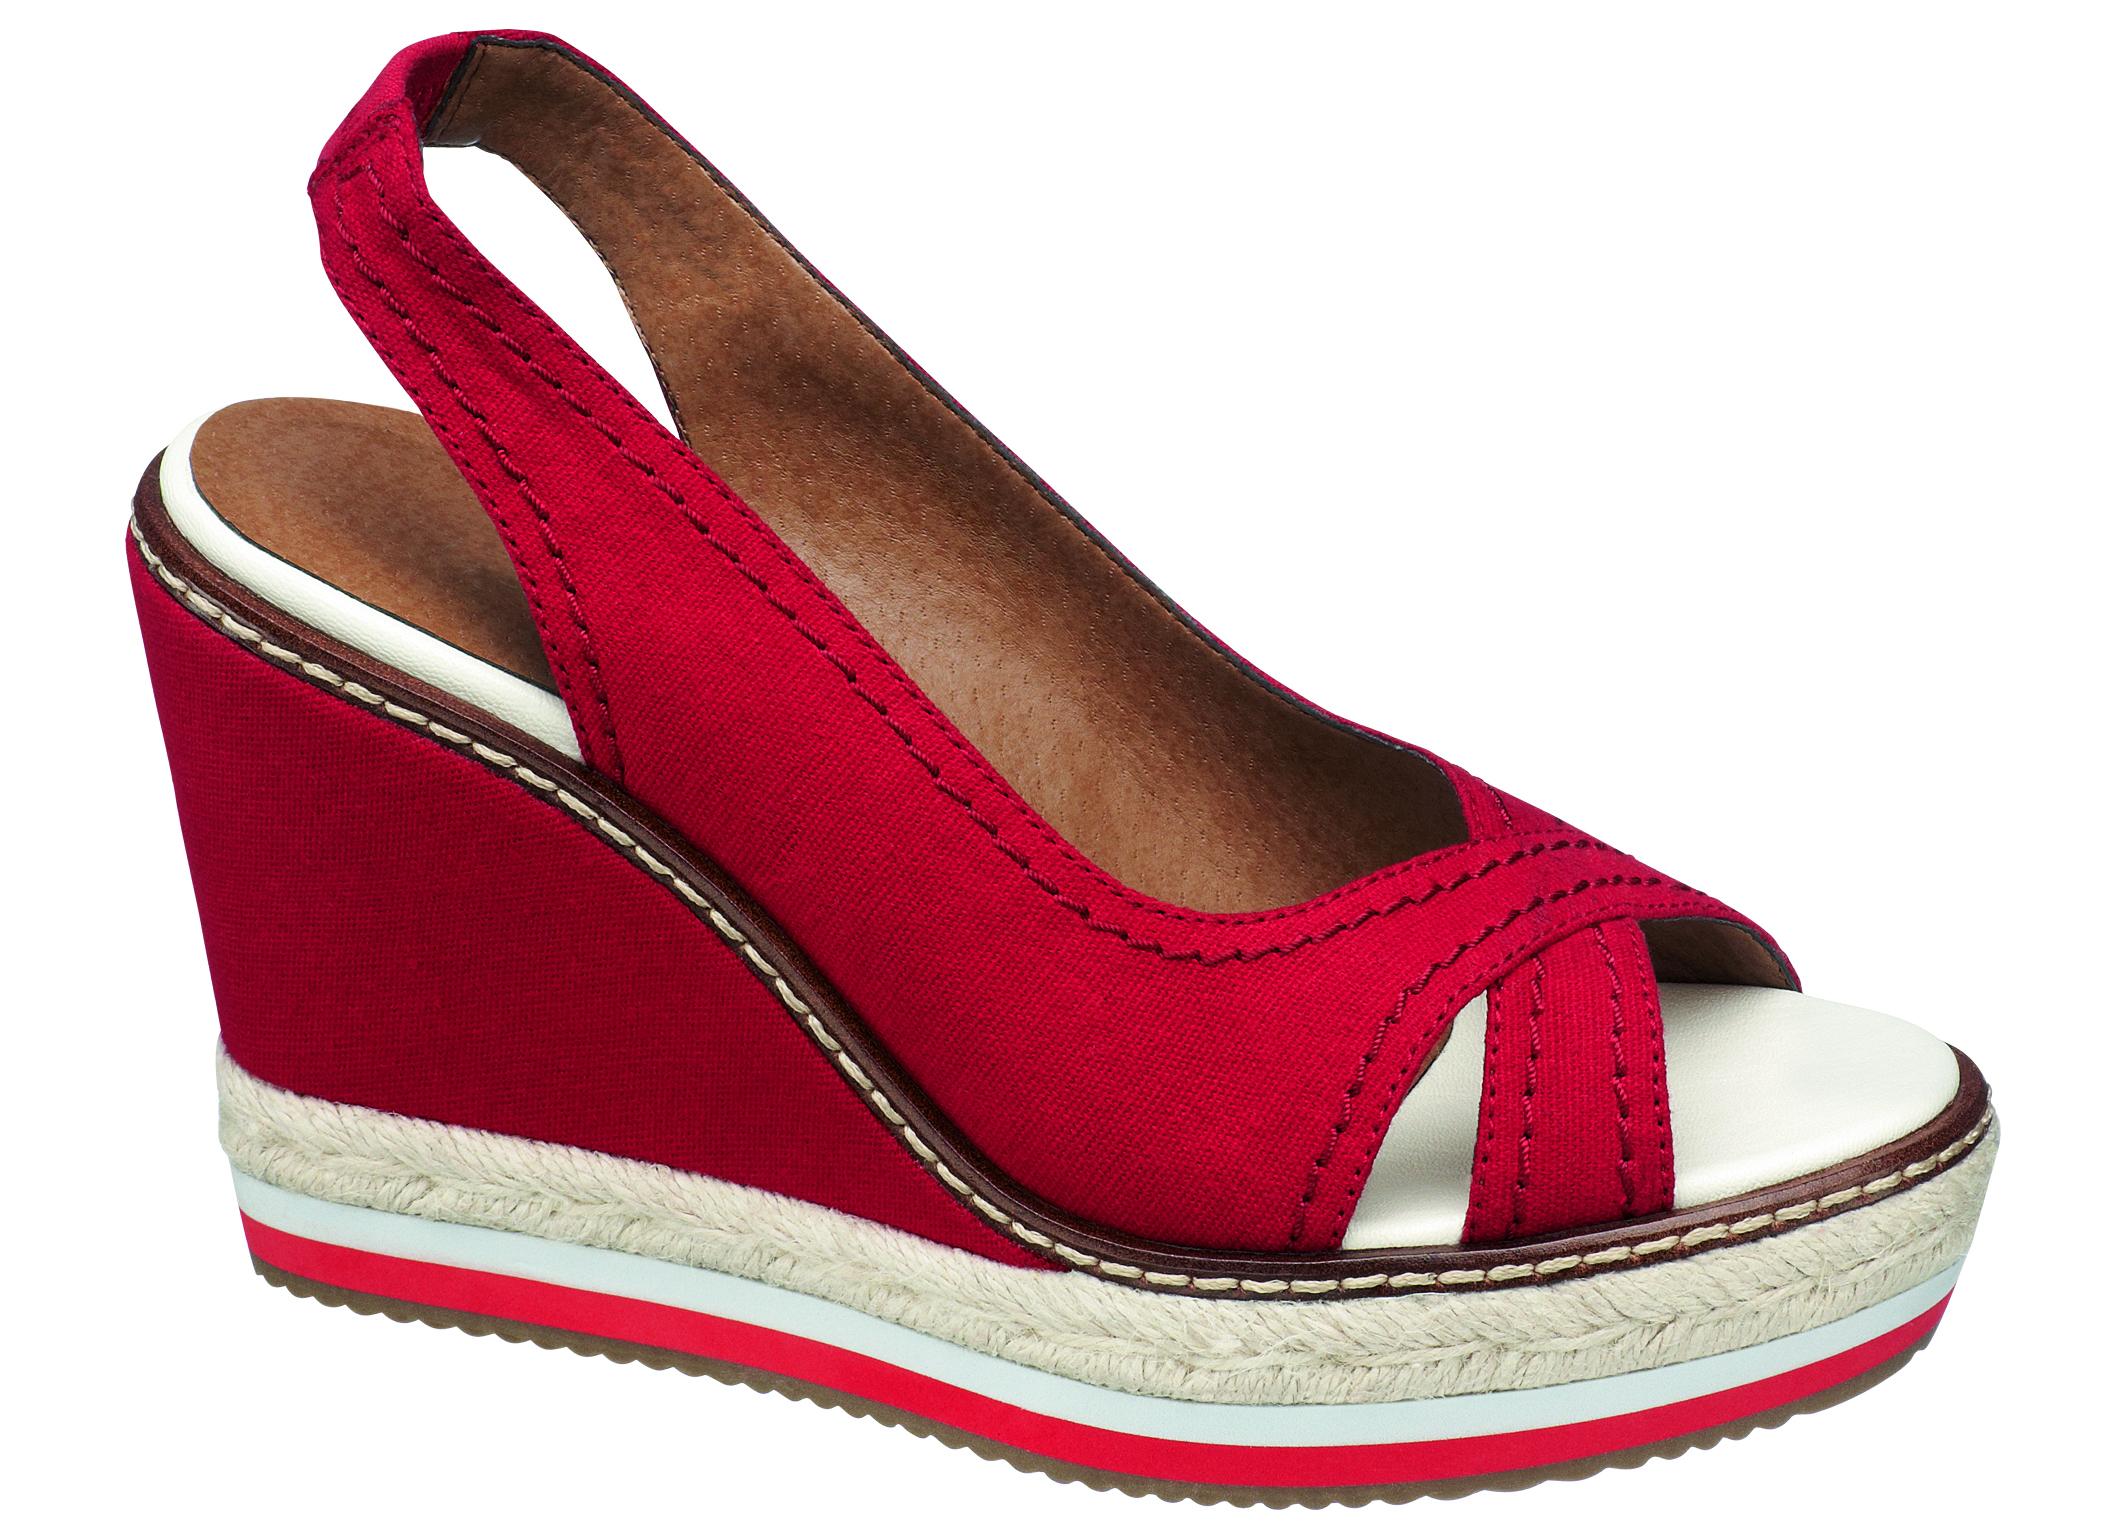 Deichmann Dolgu Topuk Ayakkabı Modelleri